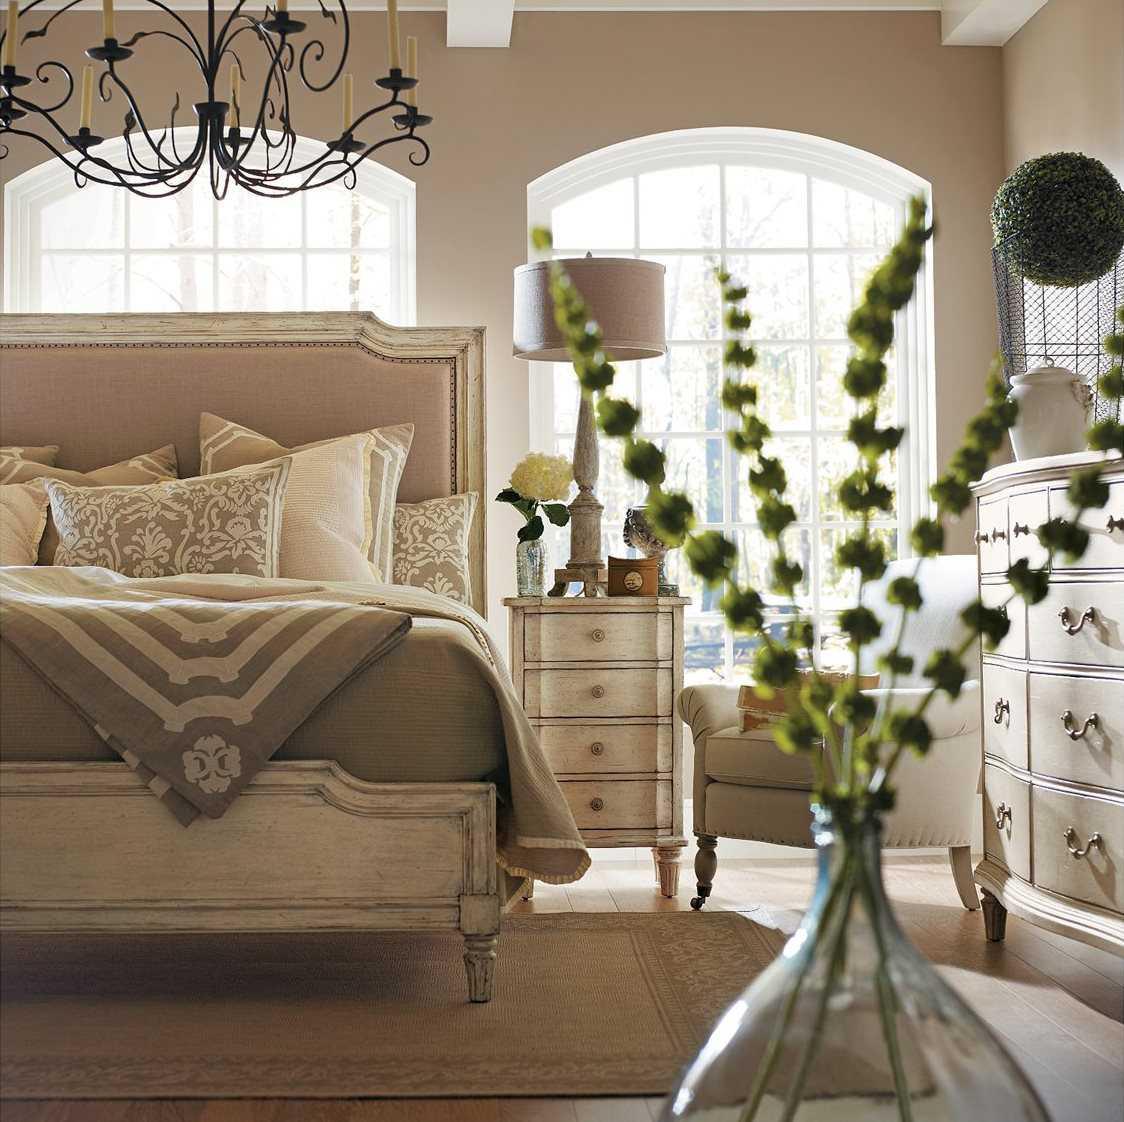 stanley furniture european cottage bedroom set 007 23 52set